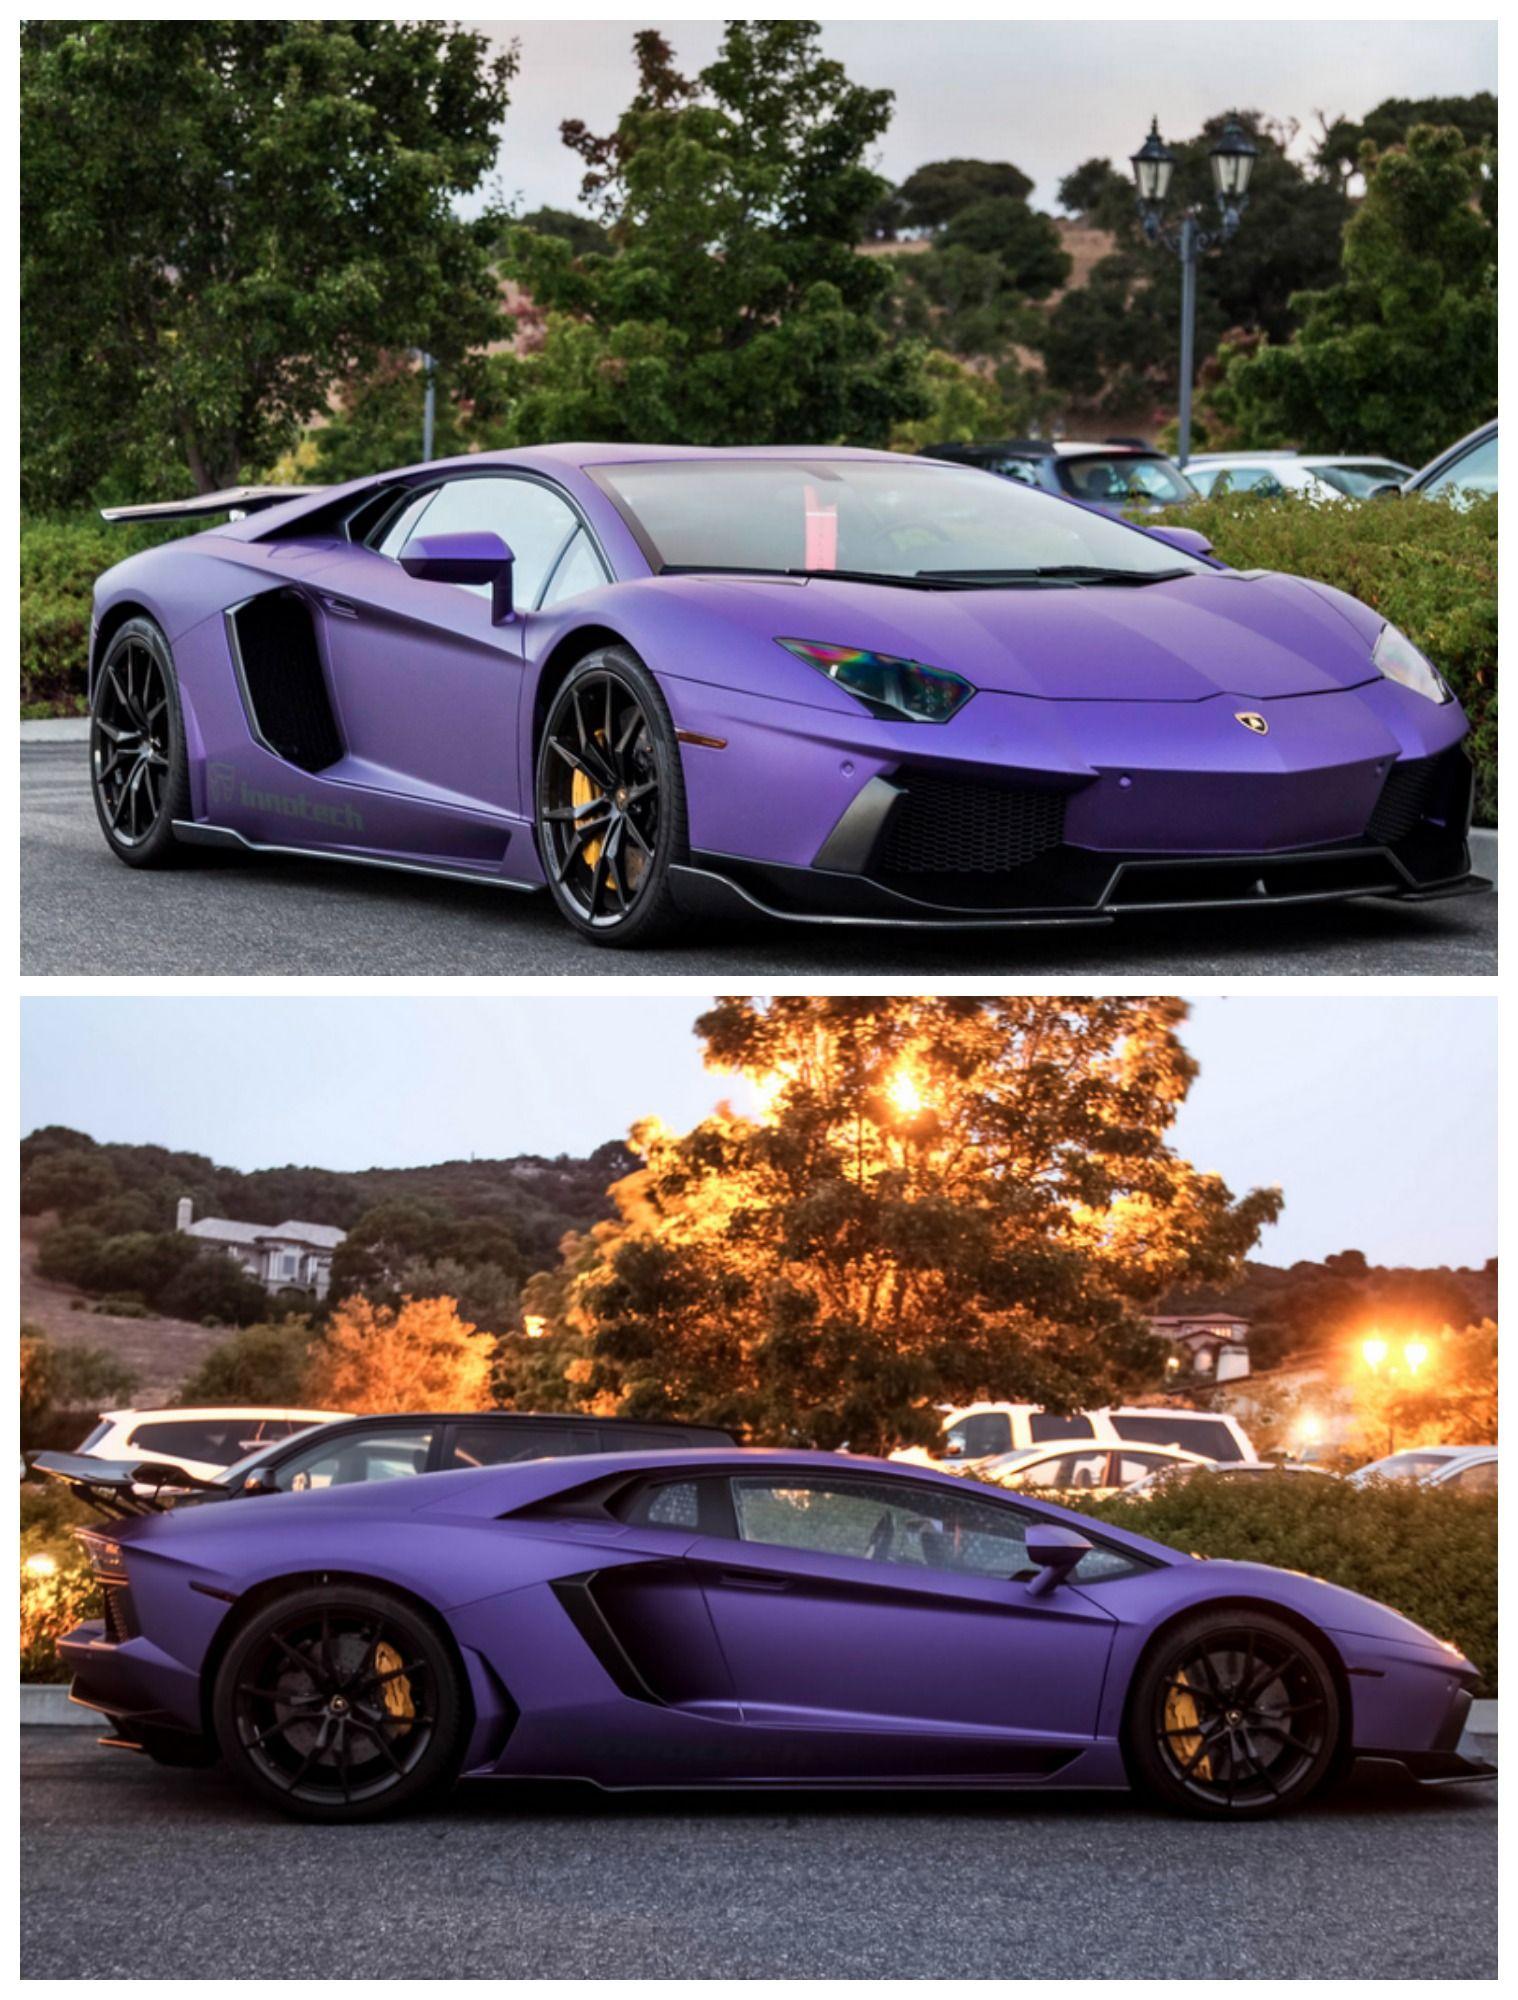 Purple Lamborghini Car : purple, lamborghini, Lamborghini, Aventador, Dream, Cars,, Aventador,